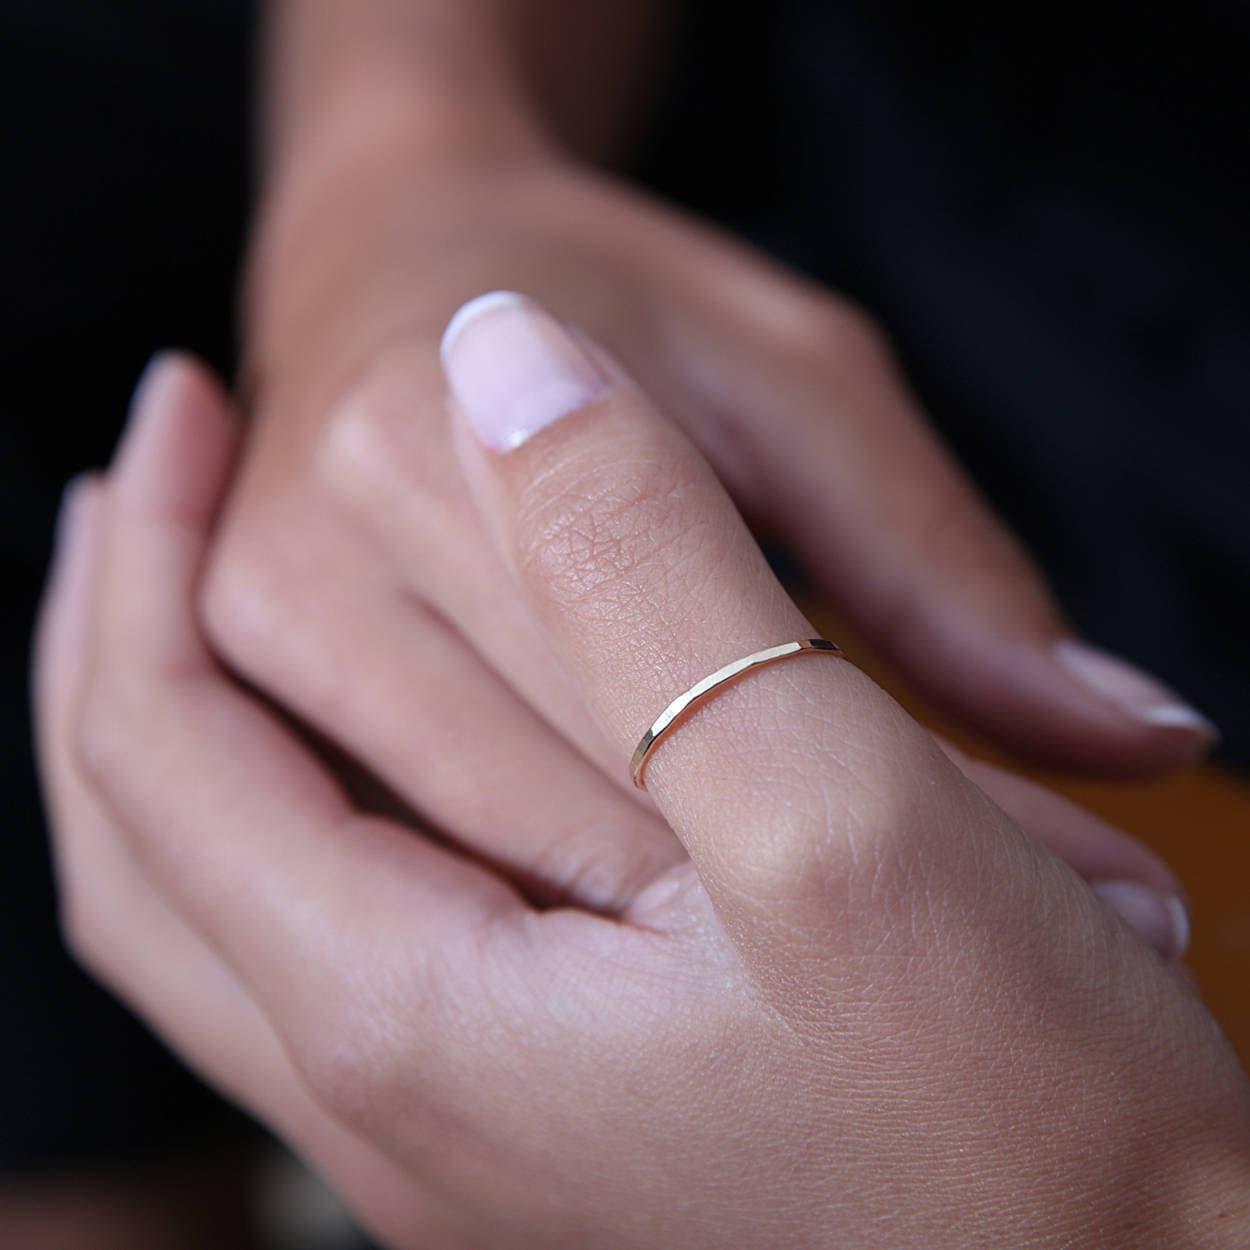 Dünne Daumen Ring Daumen-Ring dünnen Ring Ring Gold | Etsy